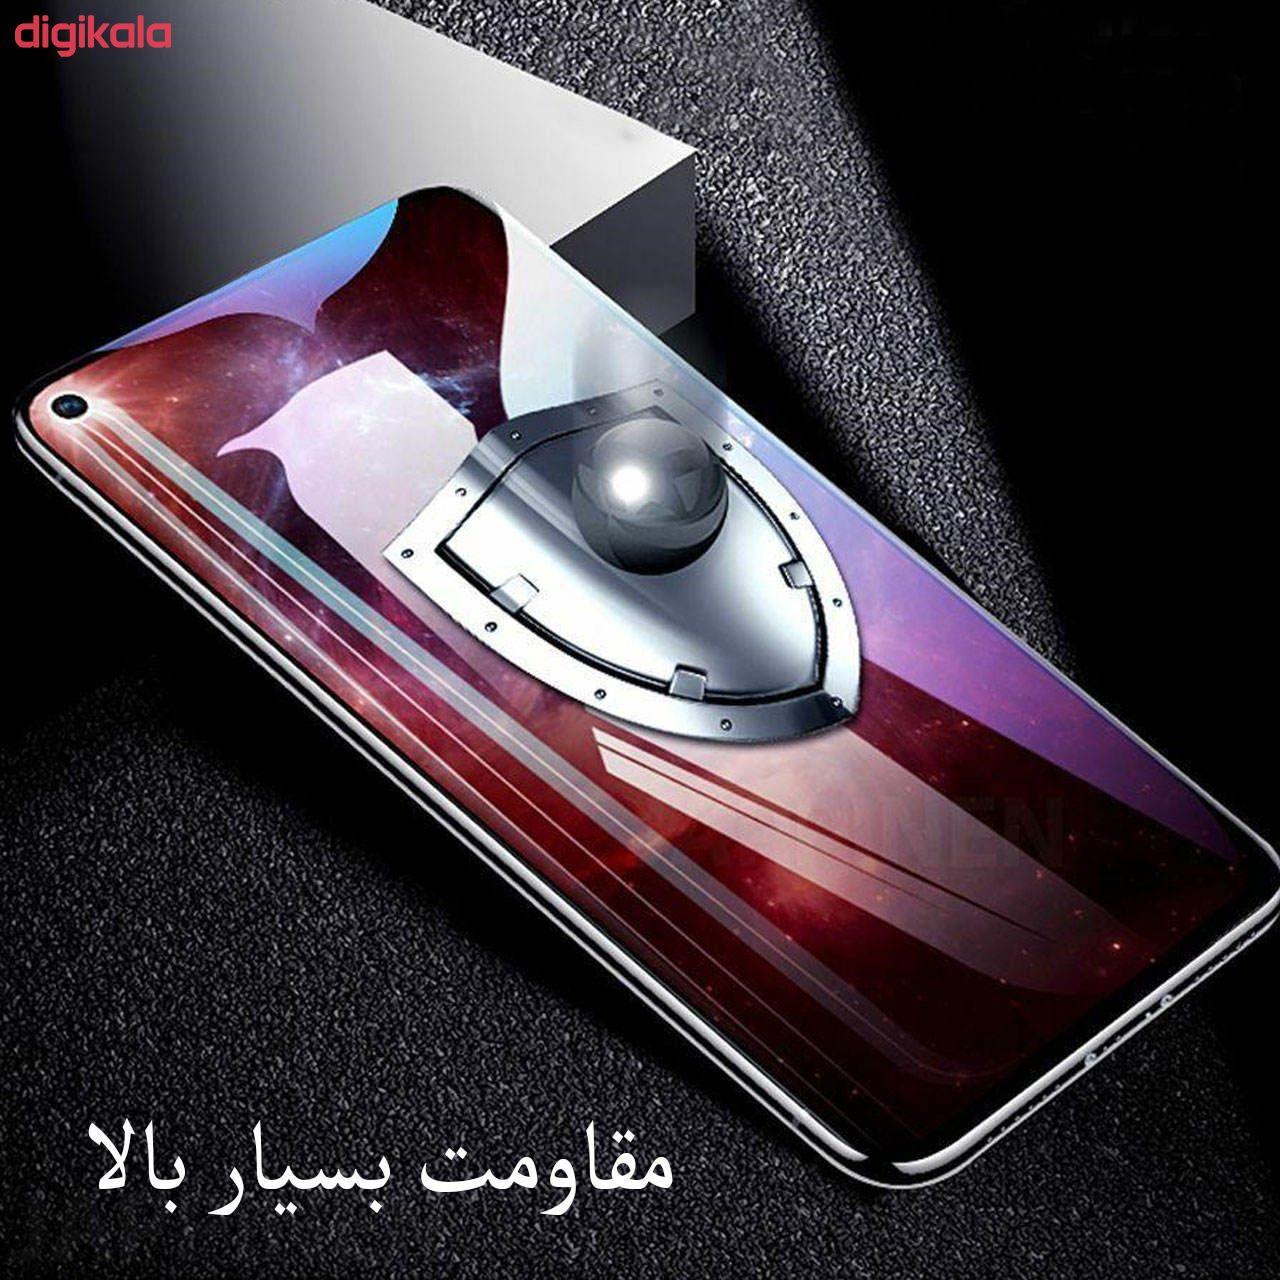 محافظ صفحه نمایش مدل FG-01 مناسب برای گوشی موبایل سامسونگ Galaxy J7 2015 main 1 6